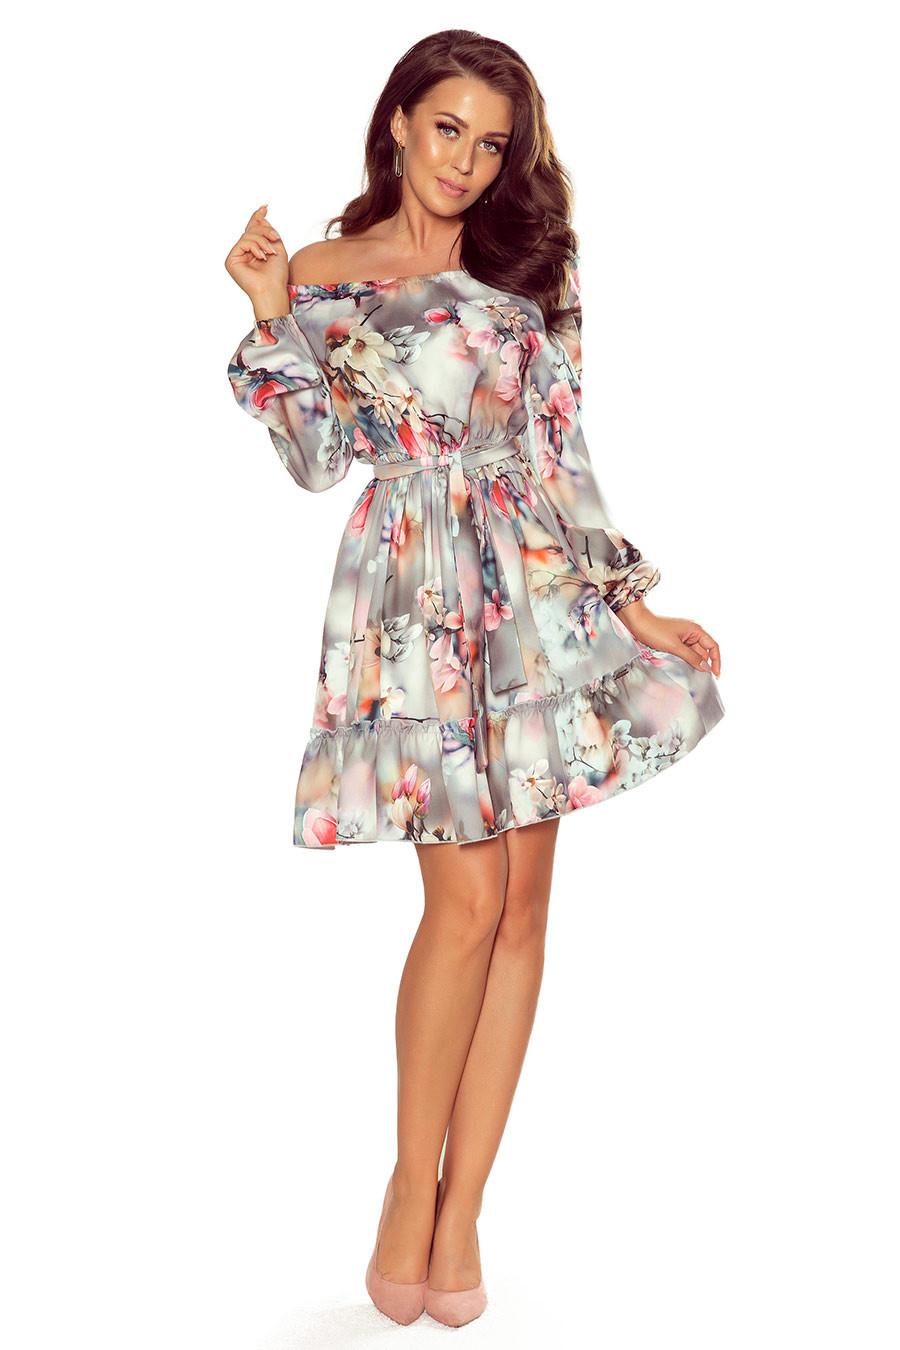 NUMOCO Woman's Dress 265-3 Grey/Flowers